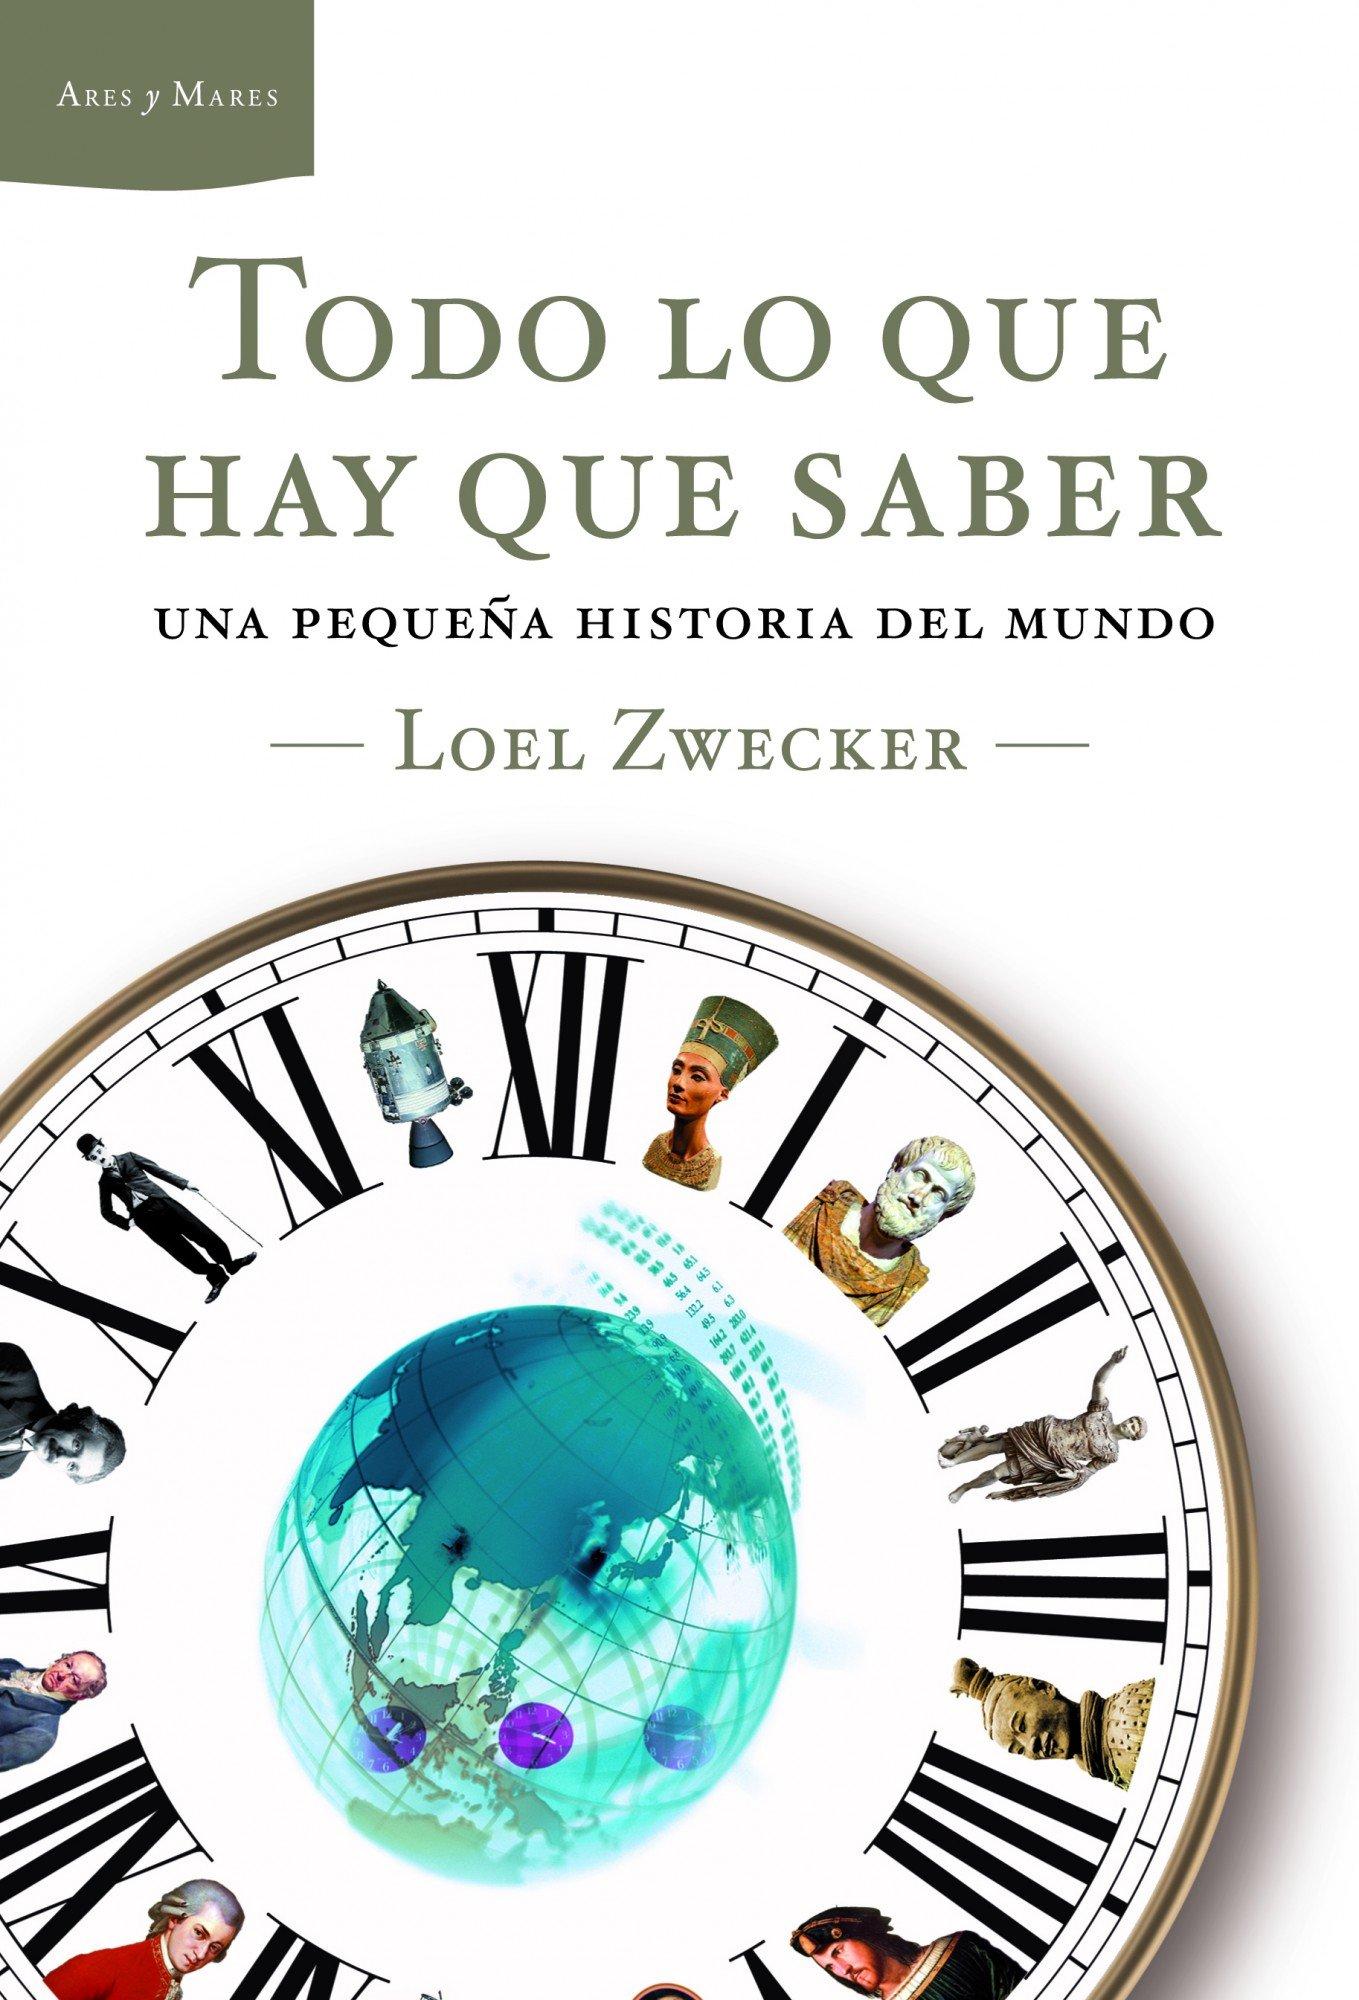 Todo lo que hay que saber: Una pequeña historia del mundo Ares y Mares: Amazon.es: Zwecker, Loel, Madariaga, Juanmari: Libros